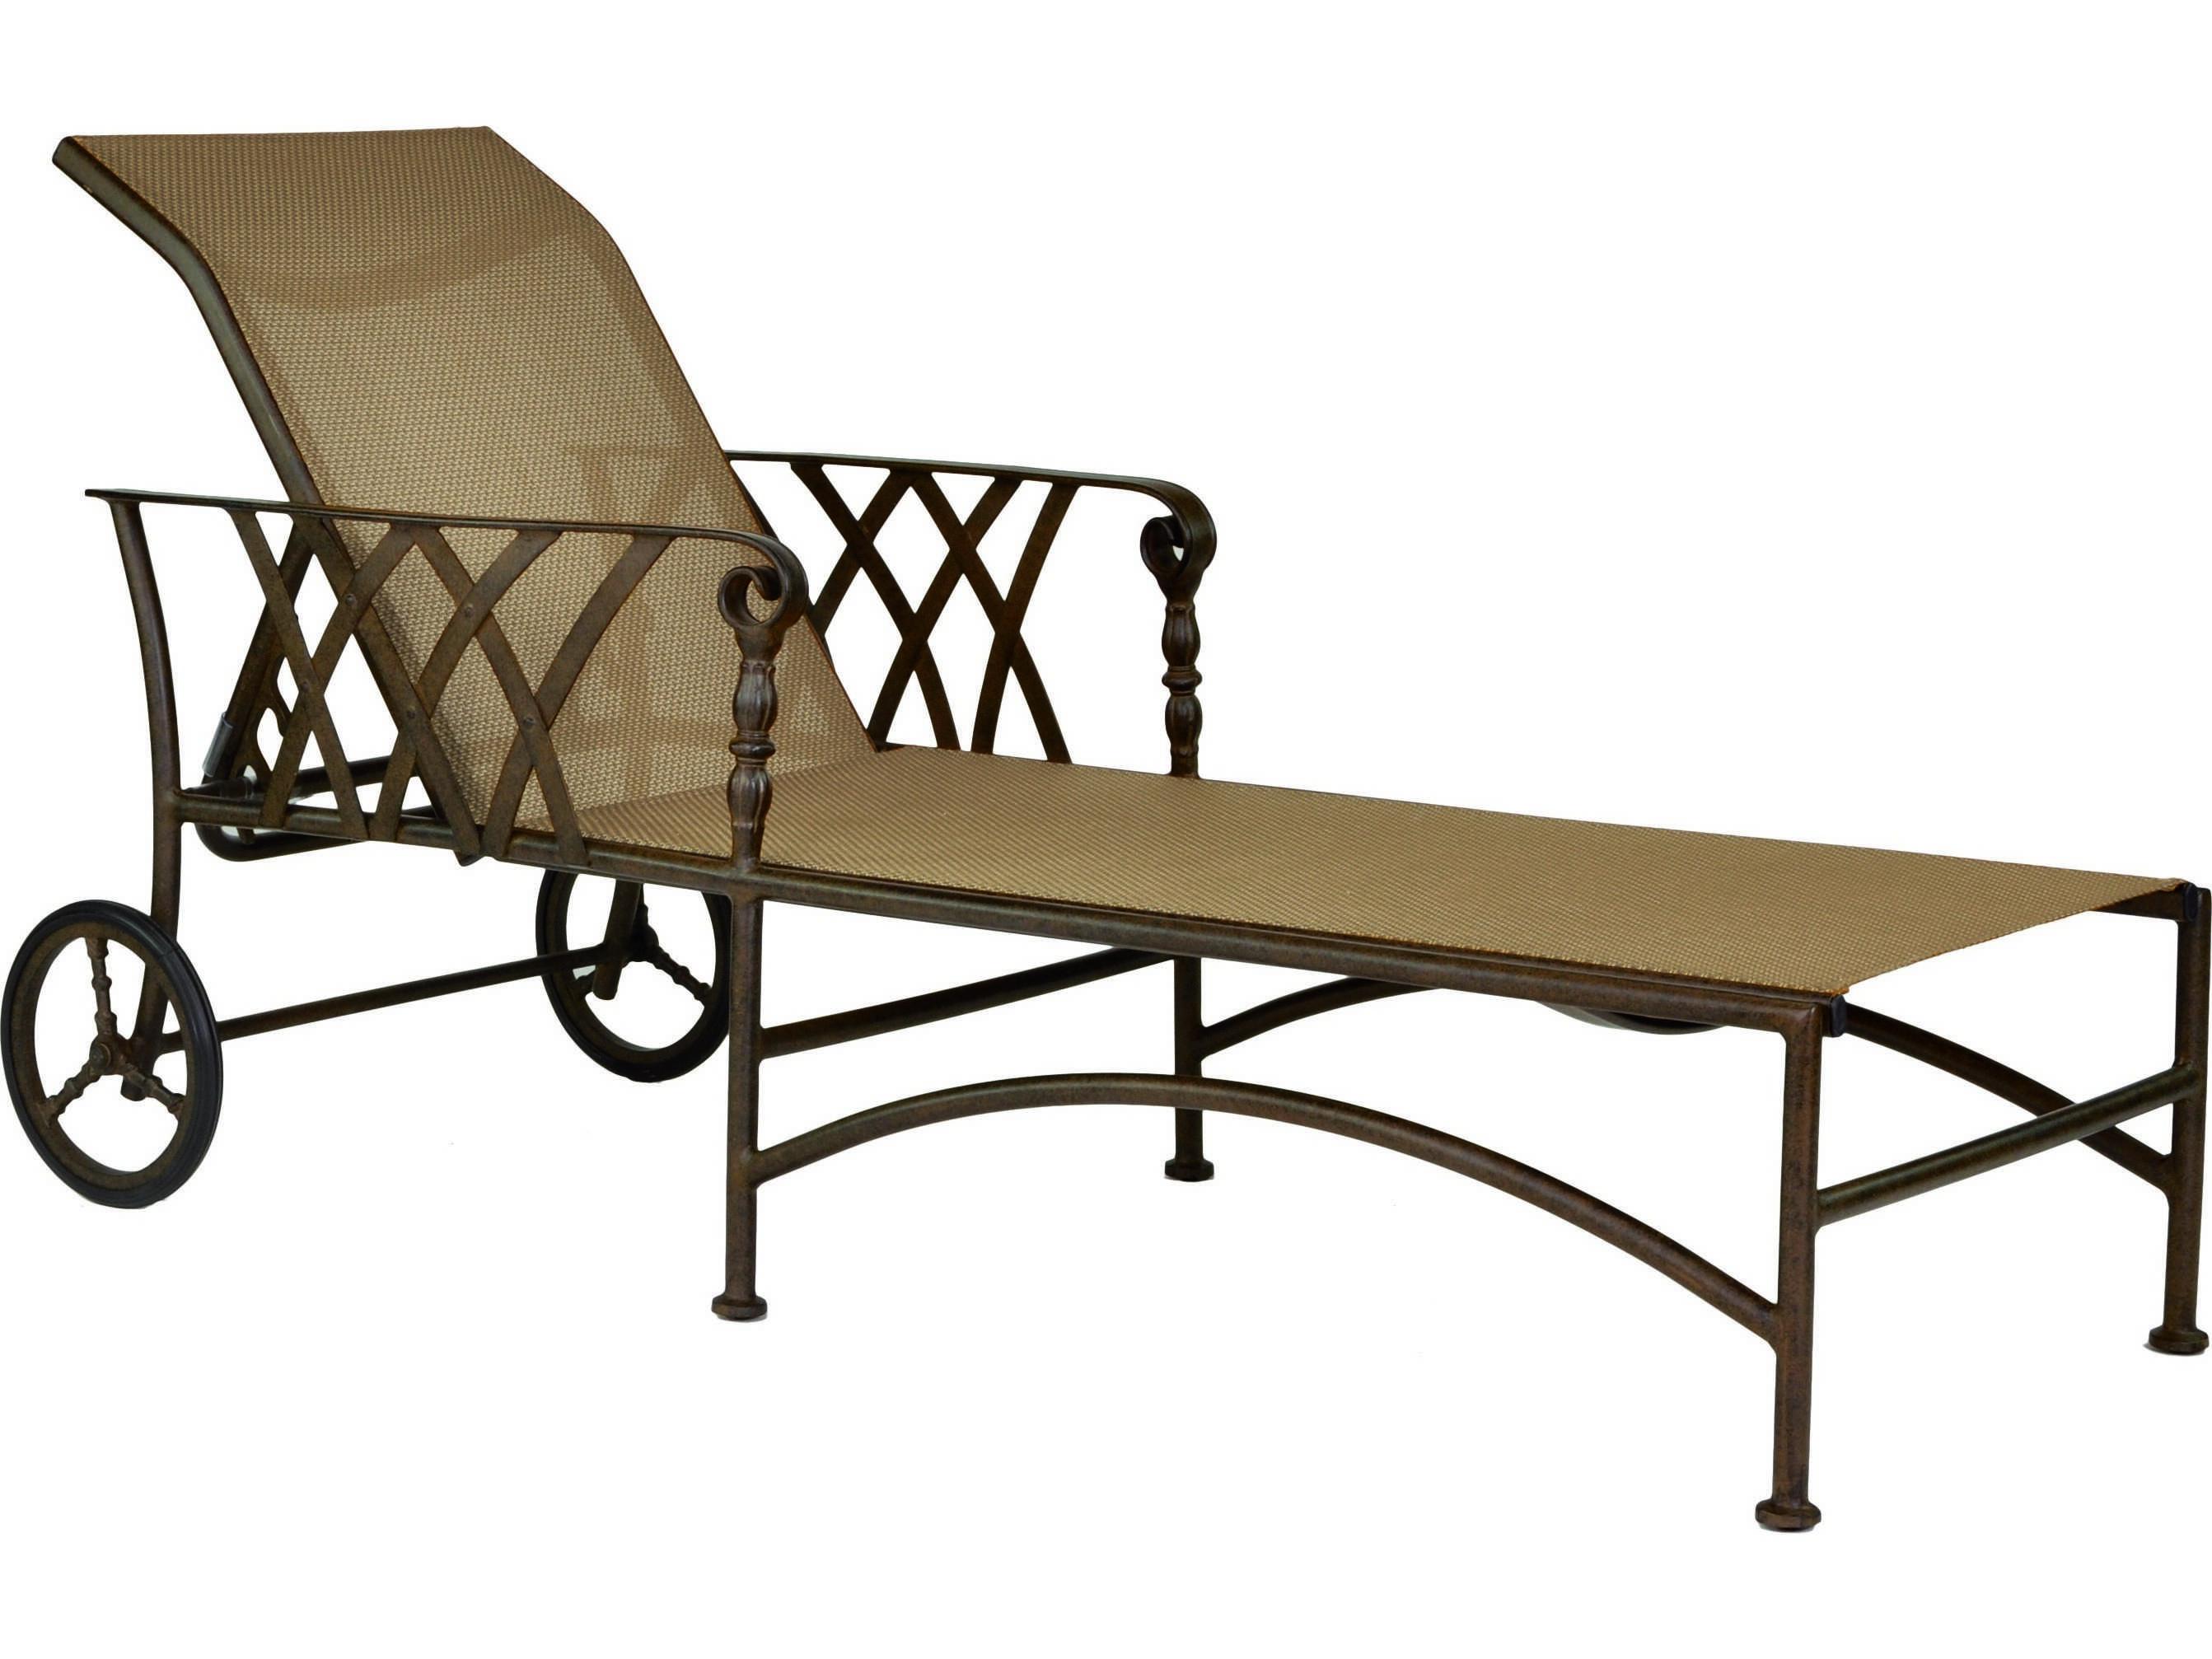 Castelle veranda sling cast aluminum adjustable chaise for Cast aluminum chaise lounge